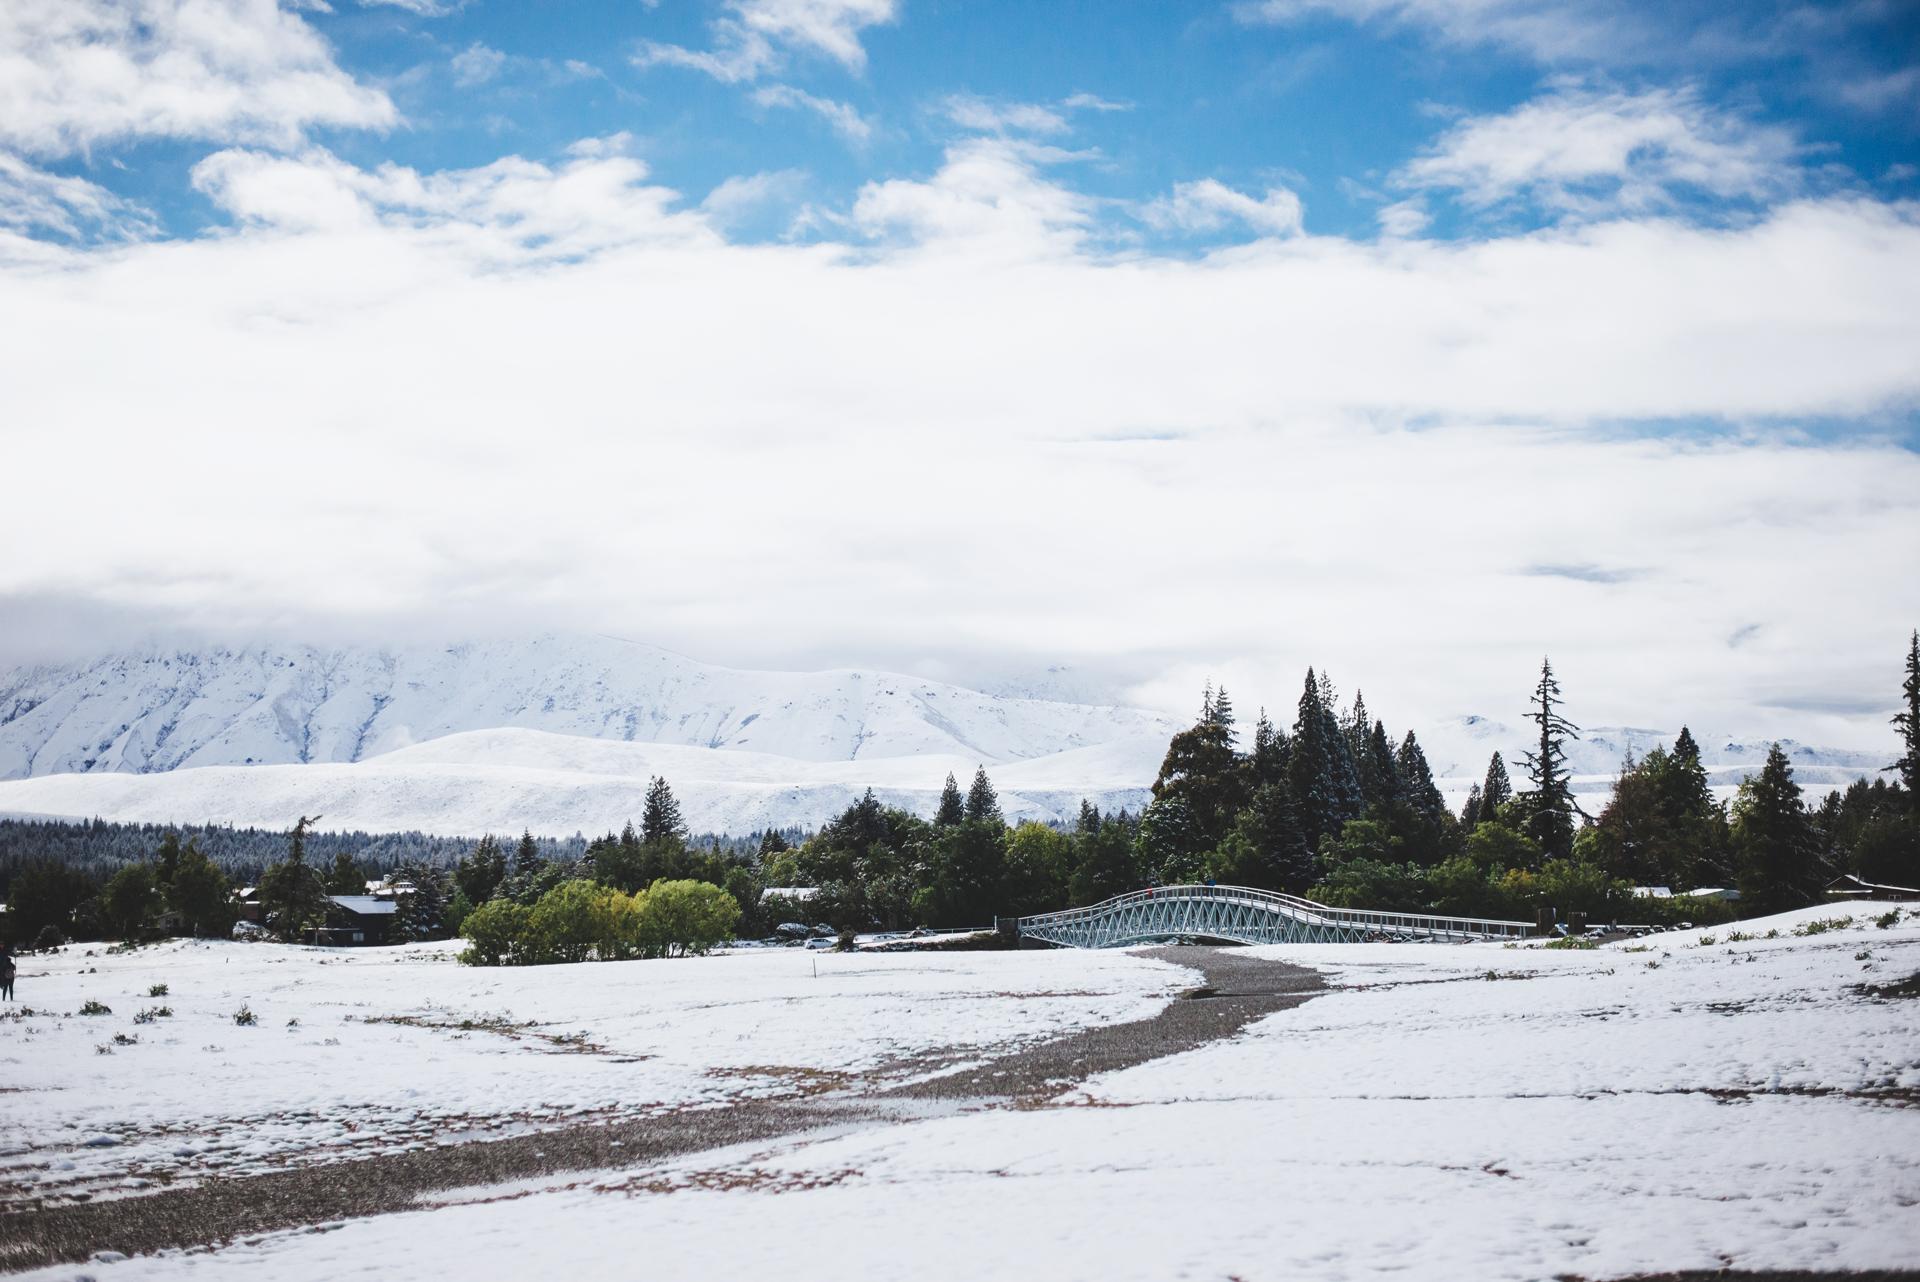 nowa zelandia śnieg